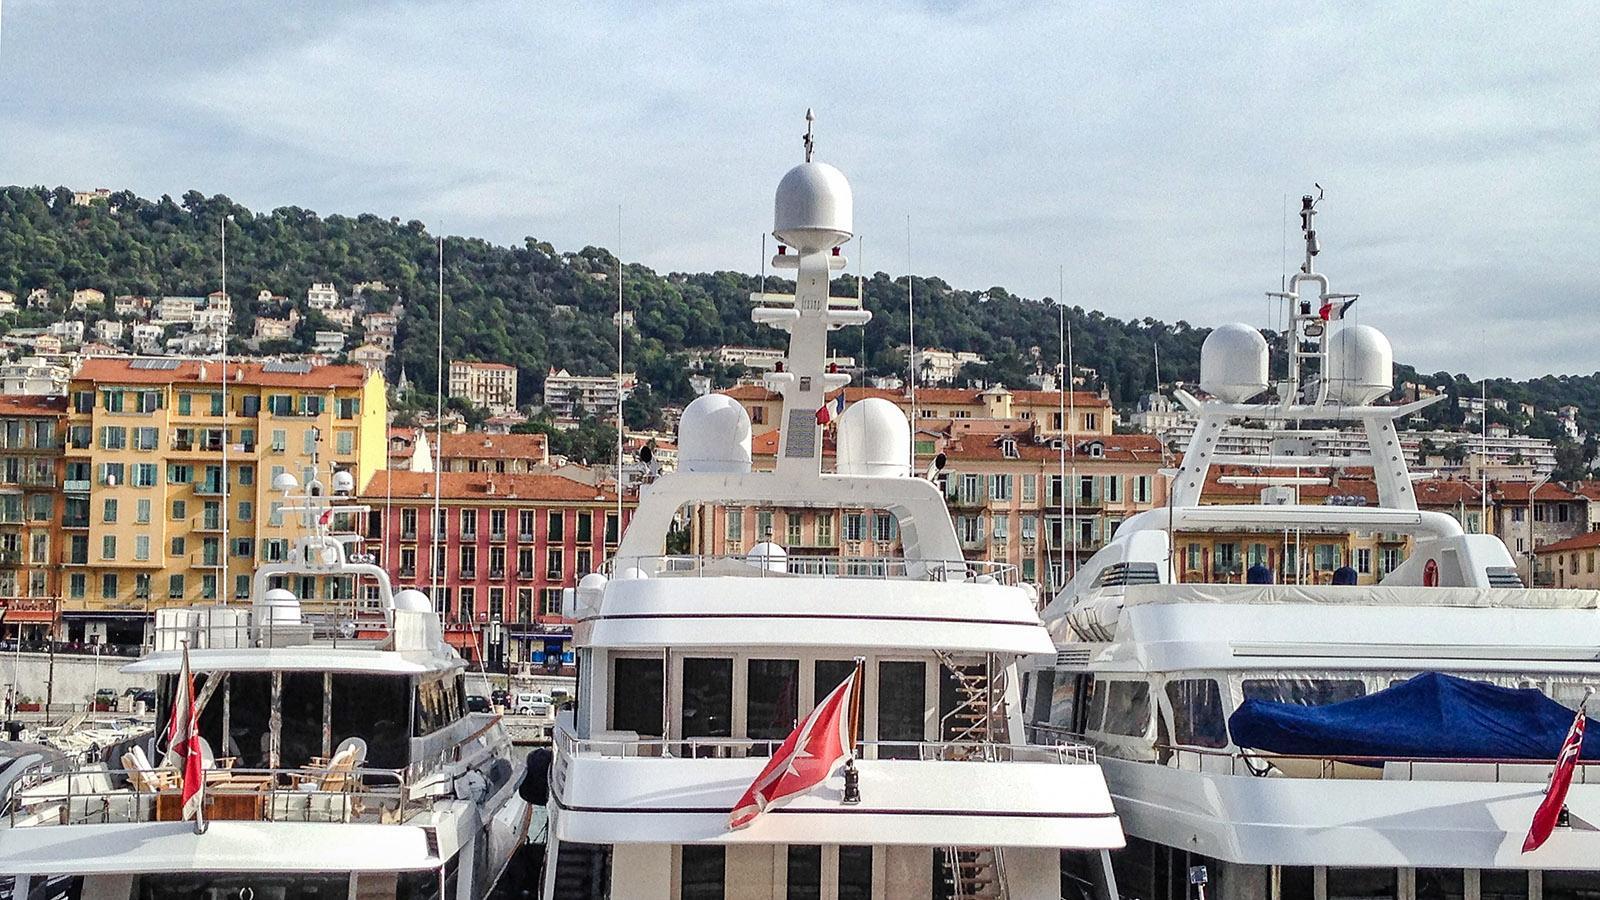 Der Hafen von Nizza. Foto: Hilk Maunder